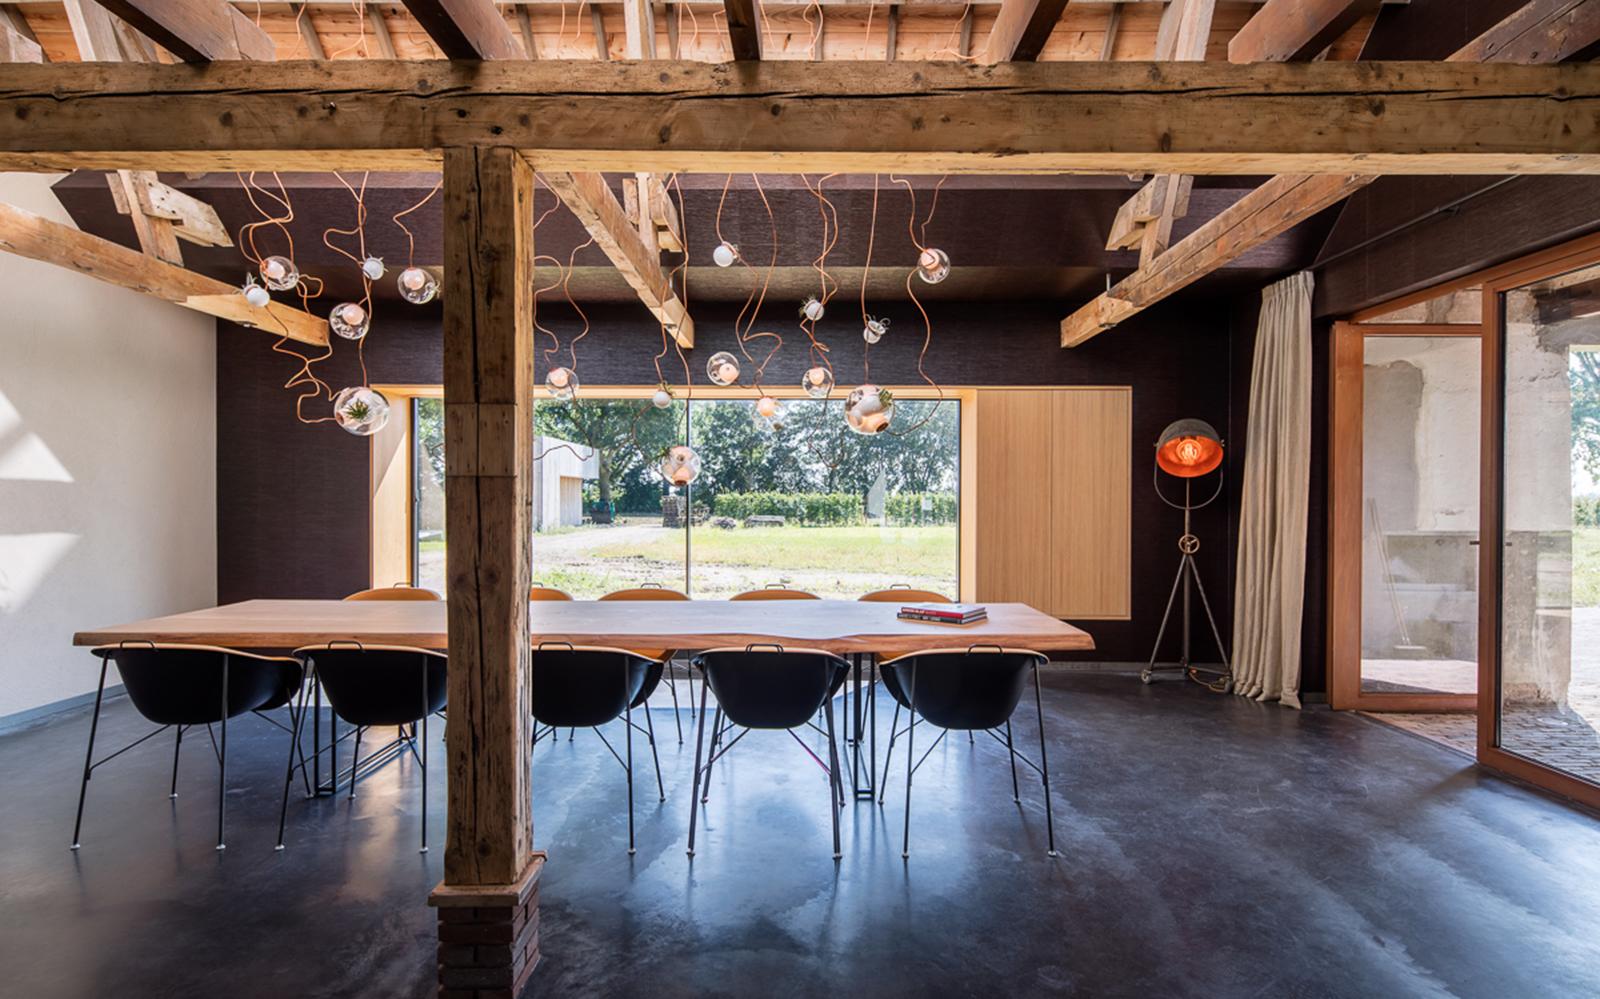 Houten taatsdeuren in woonboerderij fritsjurgens the art of